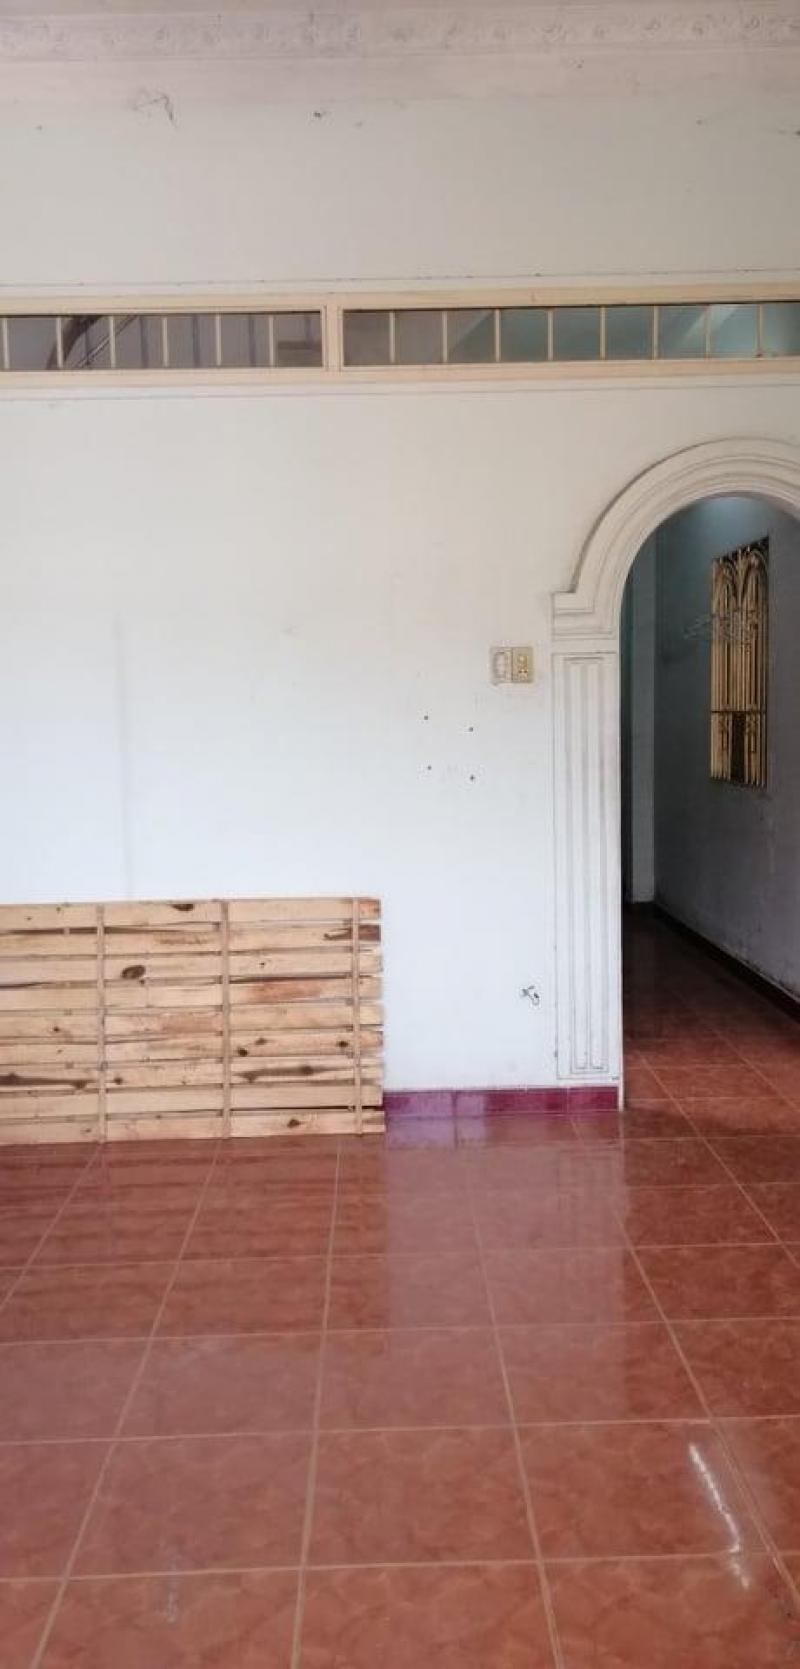 Cho thuê kho xưởng mặt tiền đường Trần Văn Giàu, dt 420m2, giá 30tr/th. 0909.772.186